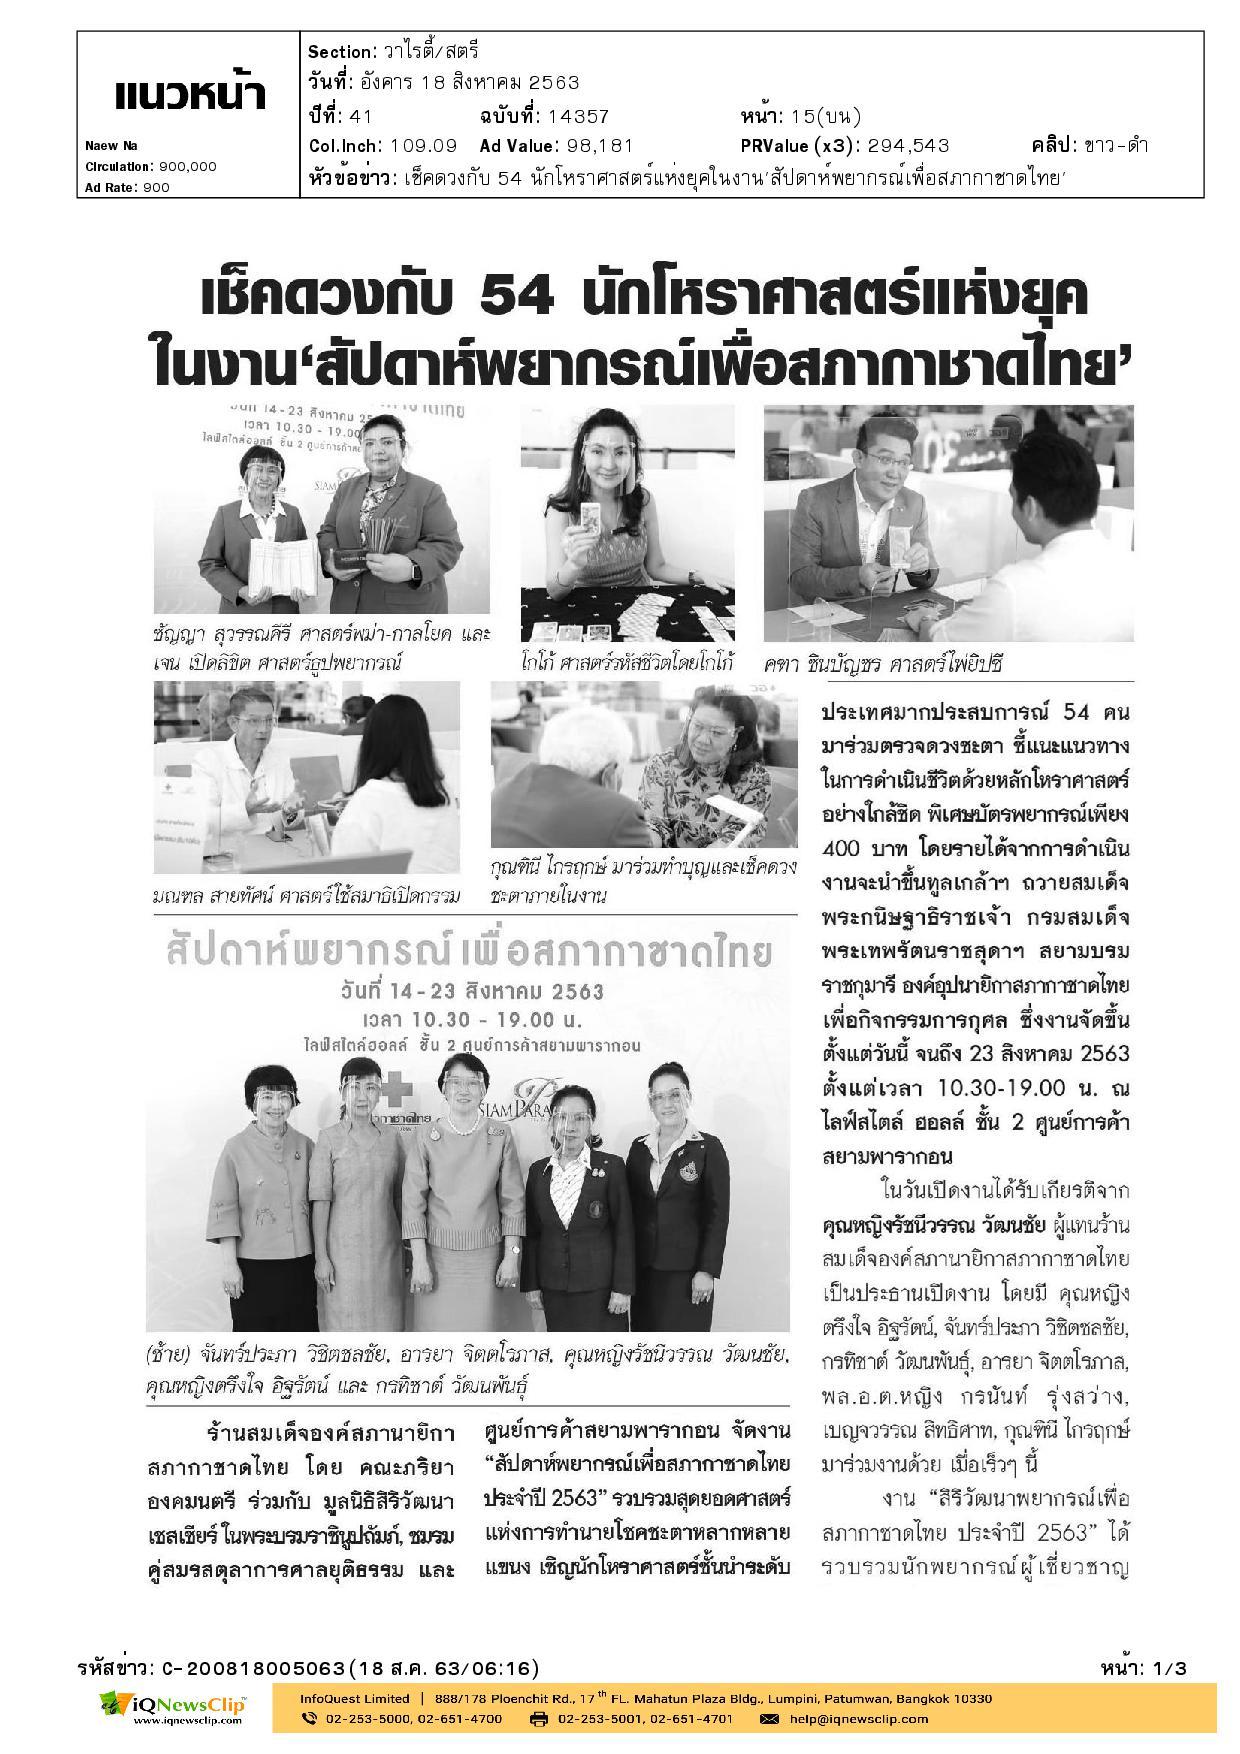 สัปดาห์พยากรณ์เพื่อสภากาชาดไทย ประจำปี 2563